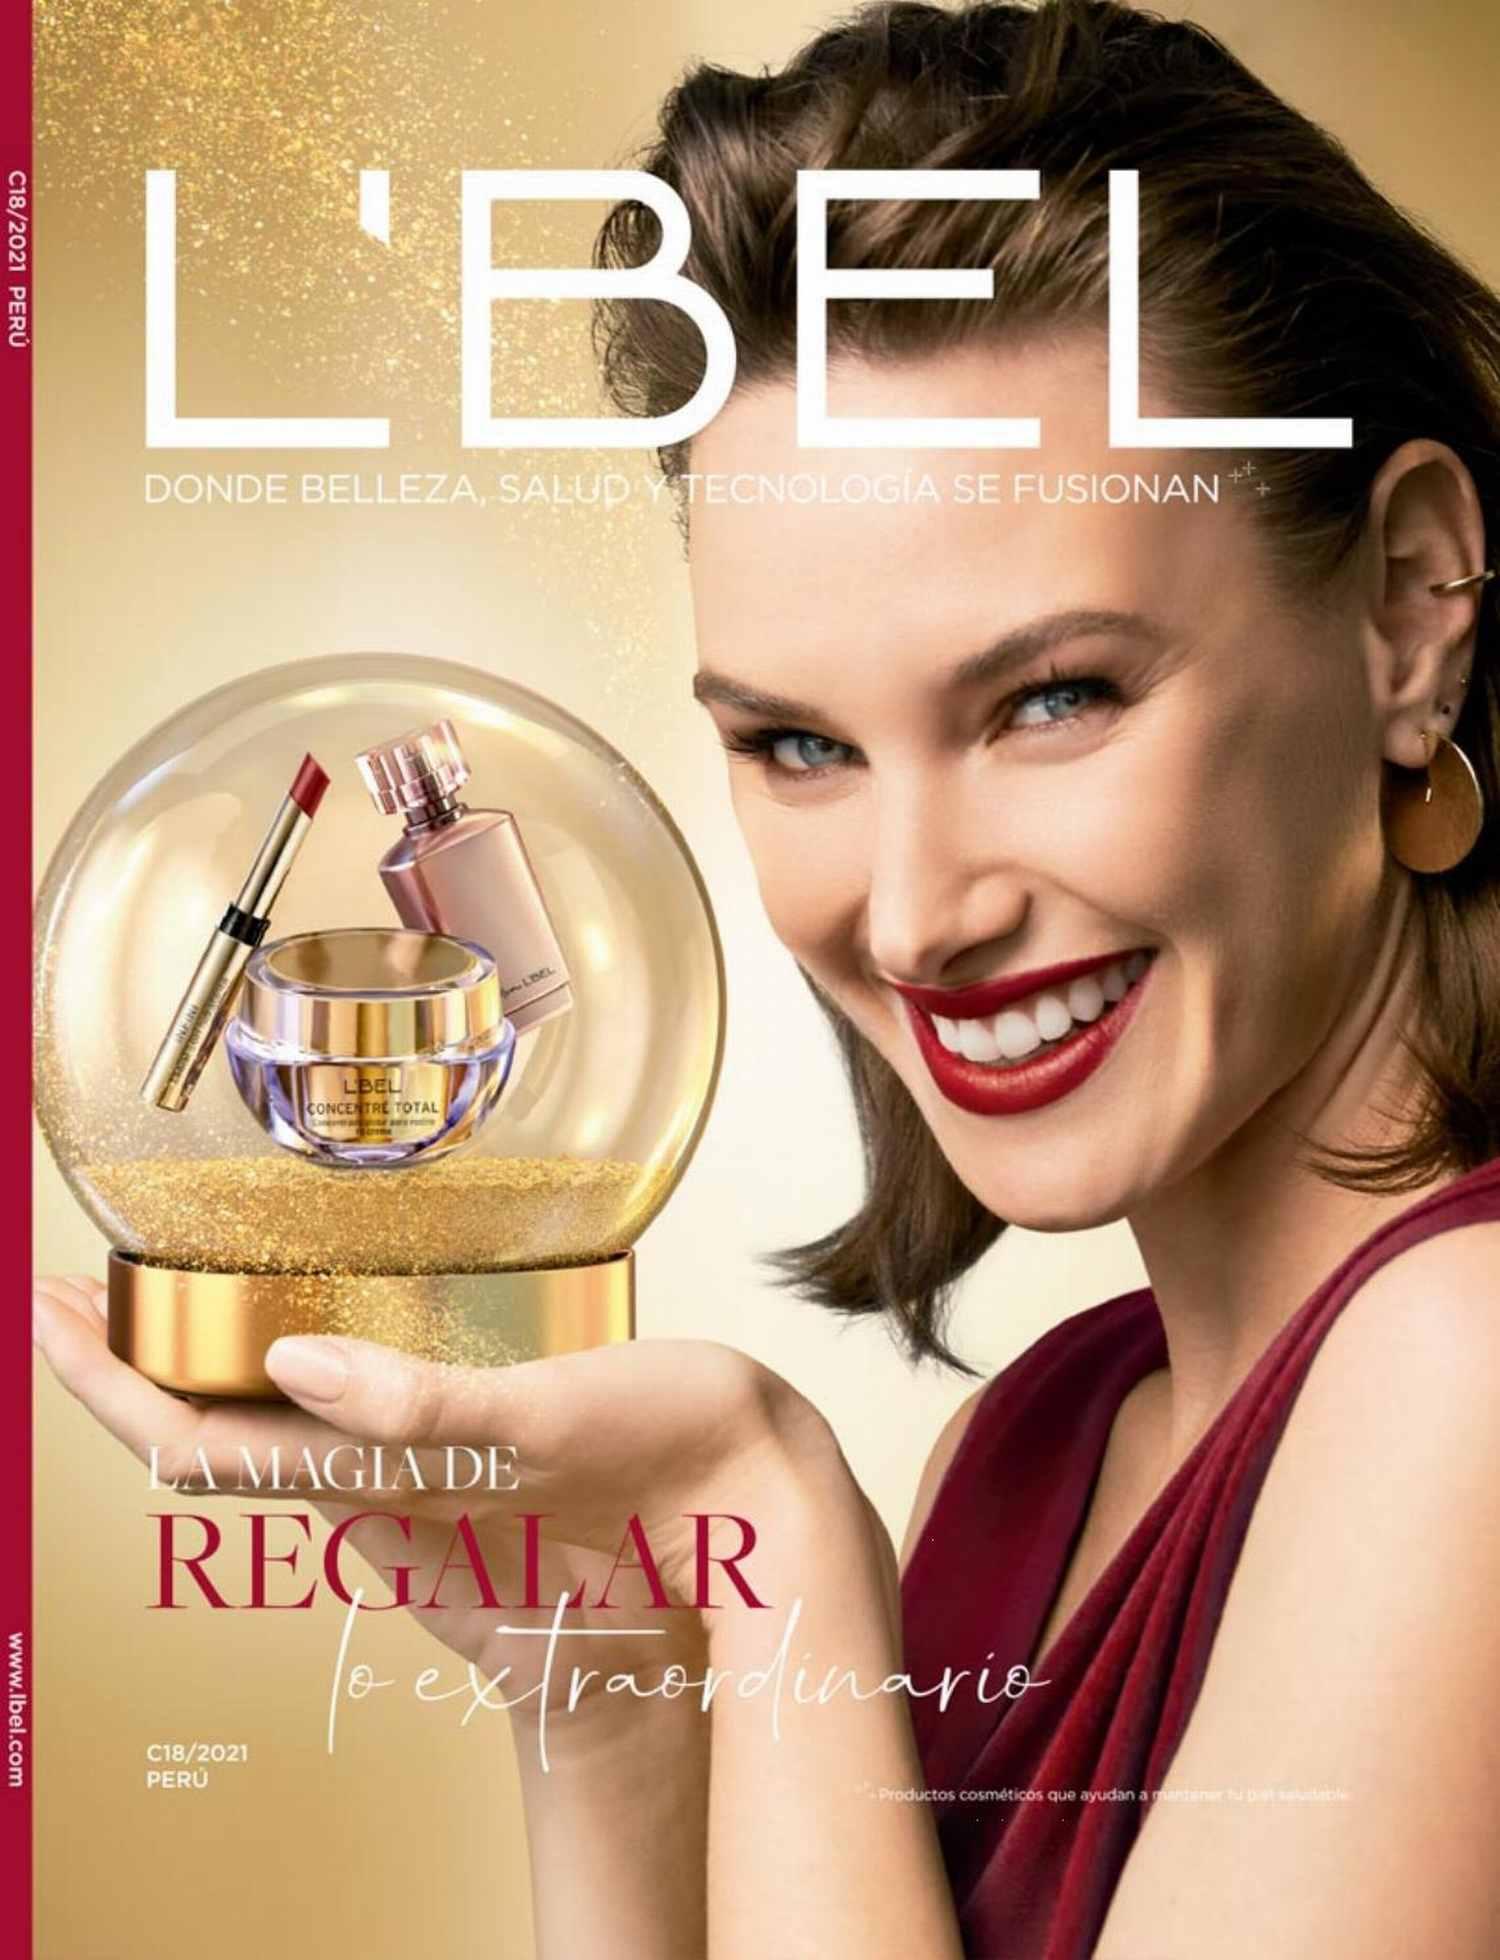 Catálogo L'Bel Campaña 18 2021 Perú